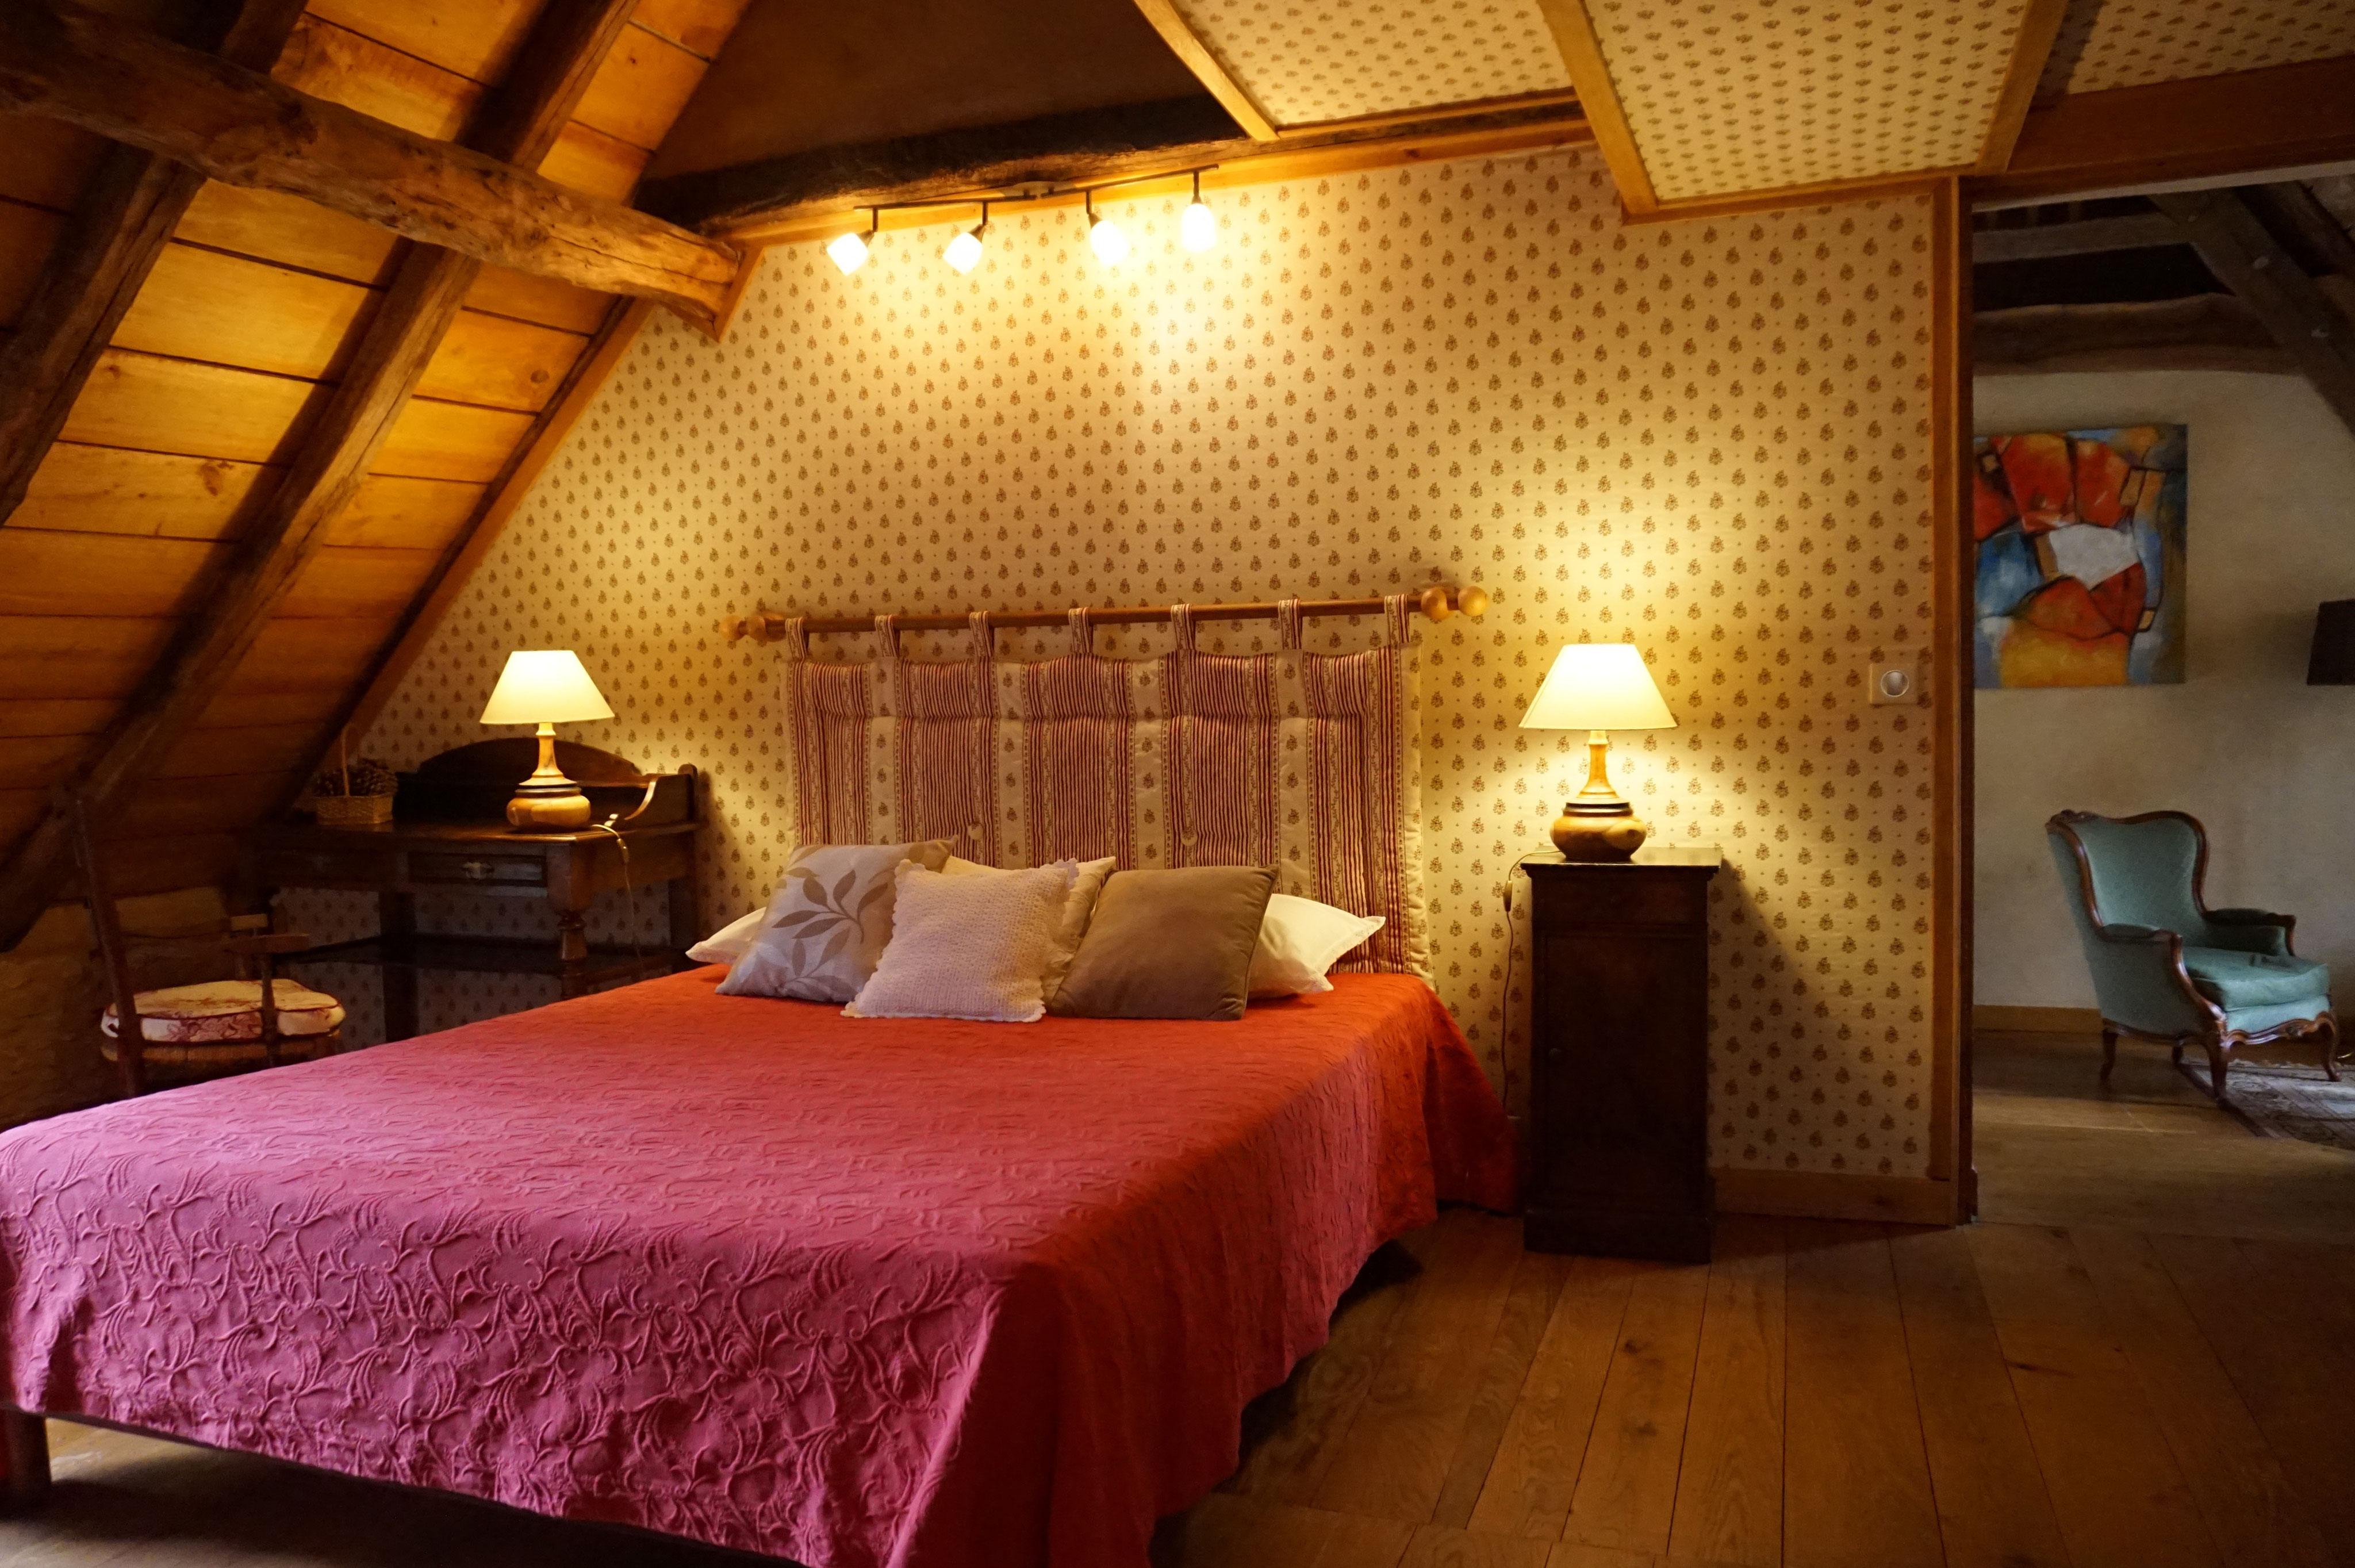 La chambre d 39 h tes familiale rustique pour des vacances - Chambres d hotes reims et environs ...